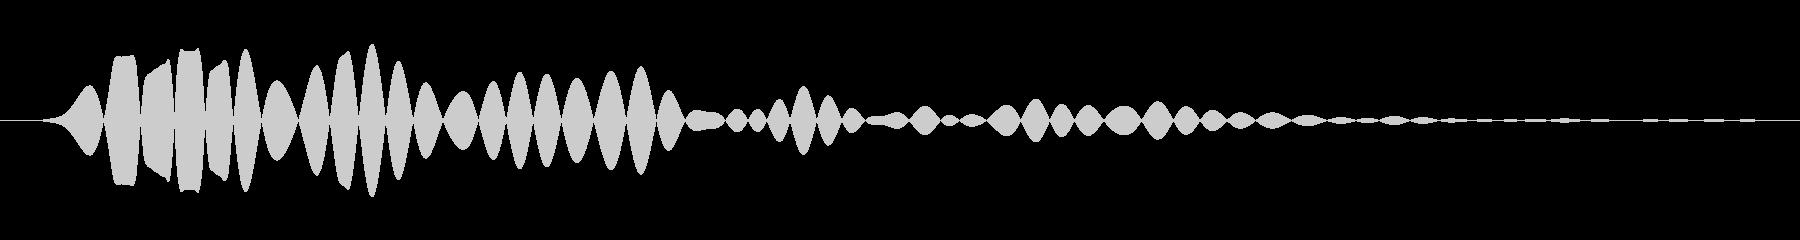 ポンの未再生の波形